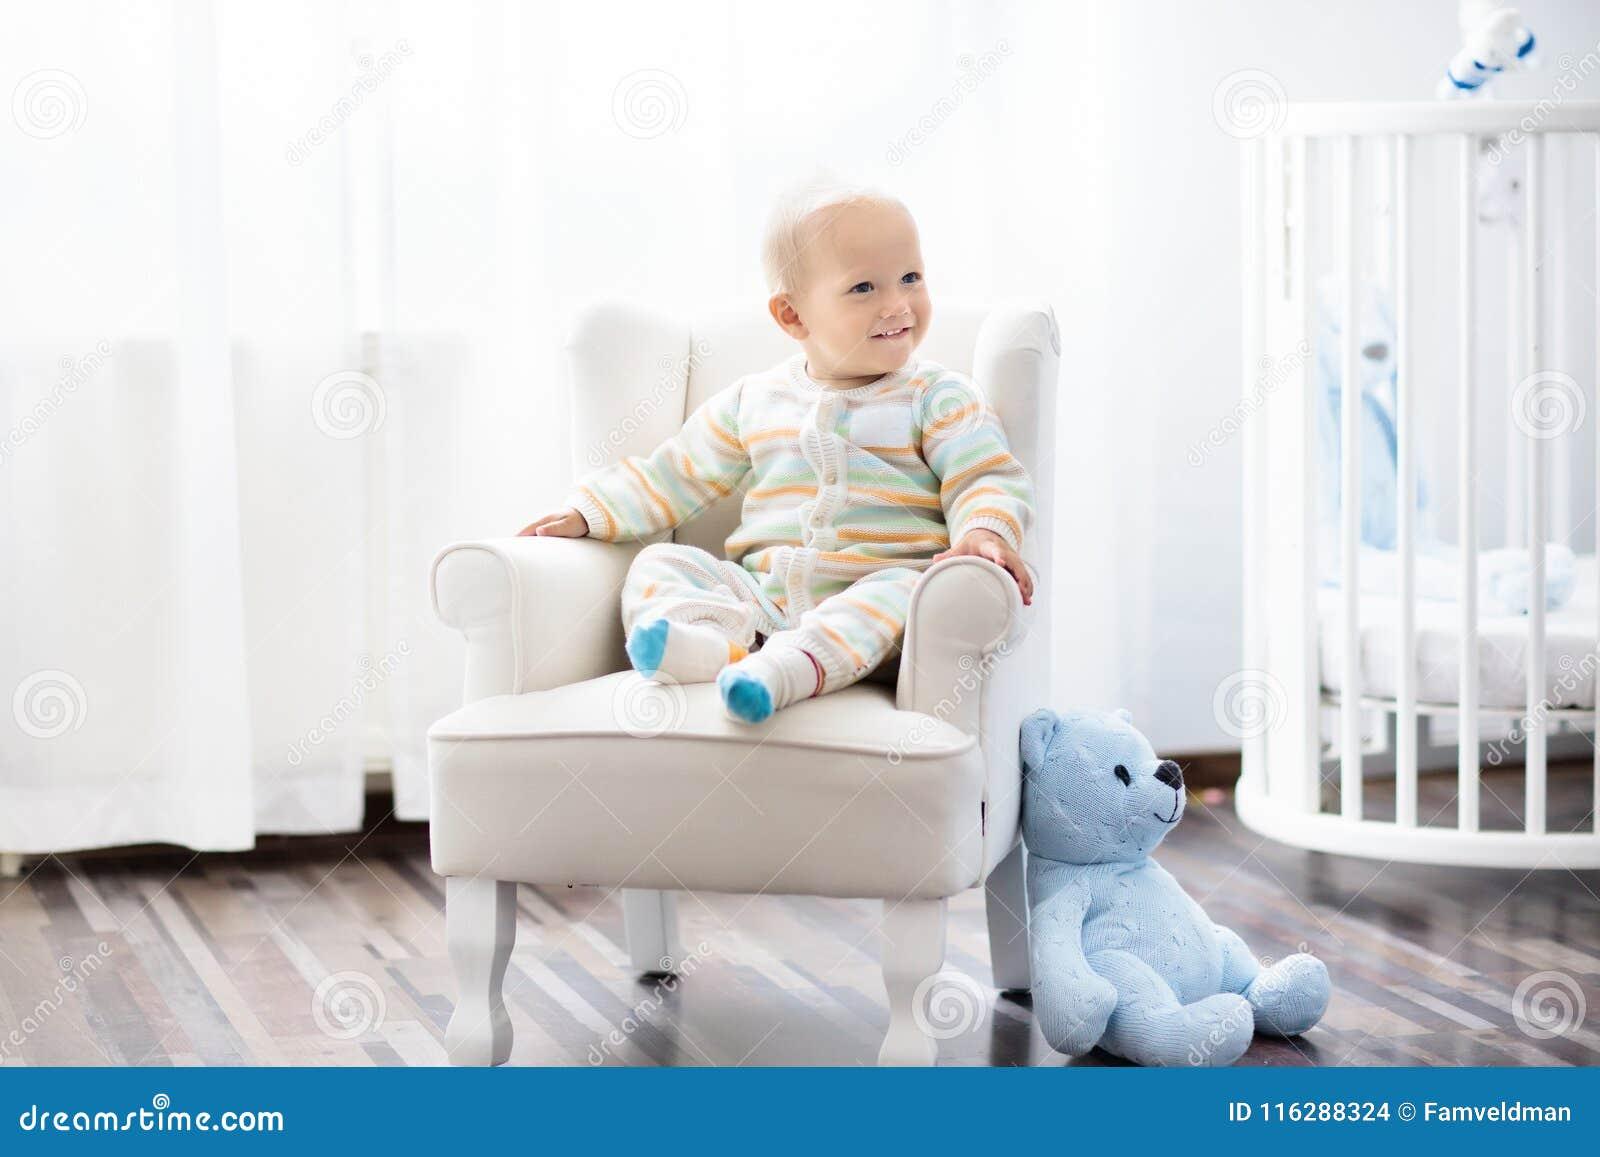 d01adae9cc Neonato in camera da letto Bambino infantile che si siede nella sedia  bianca al letto di legno rotondo Scherza l'interno della stanza I bambini  adattano e ...